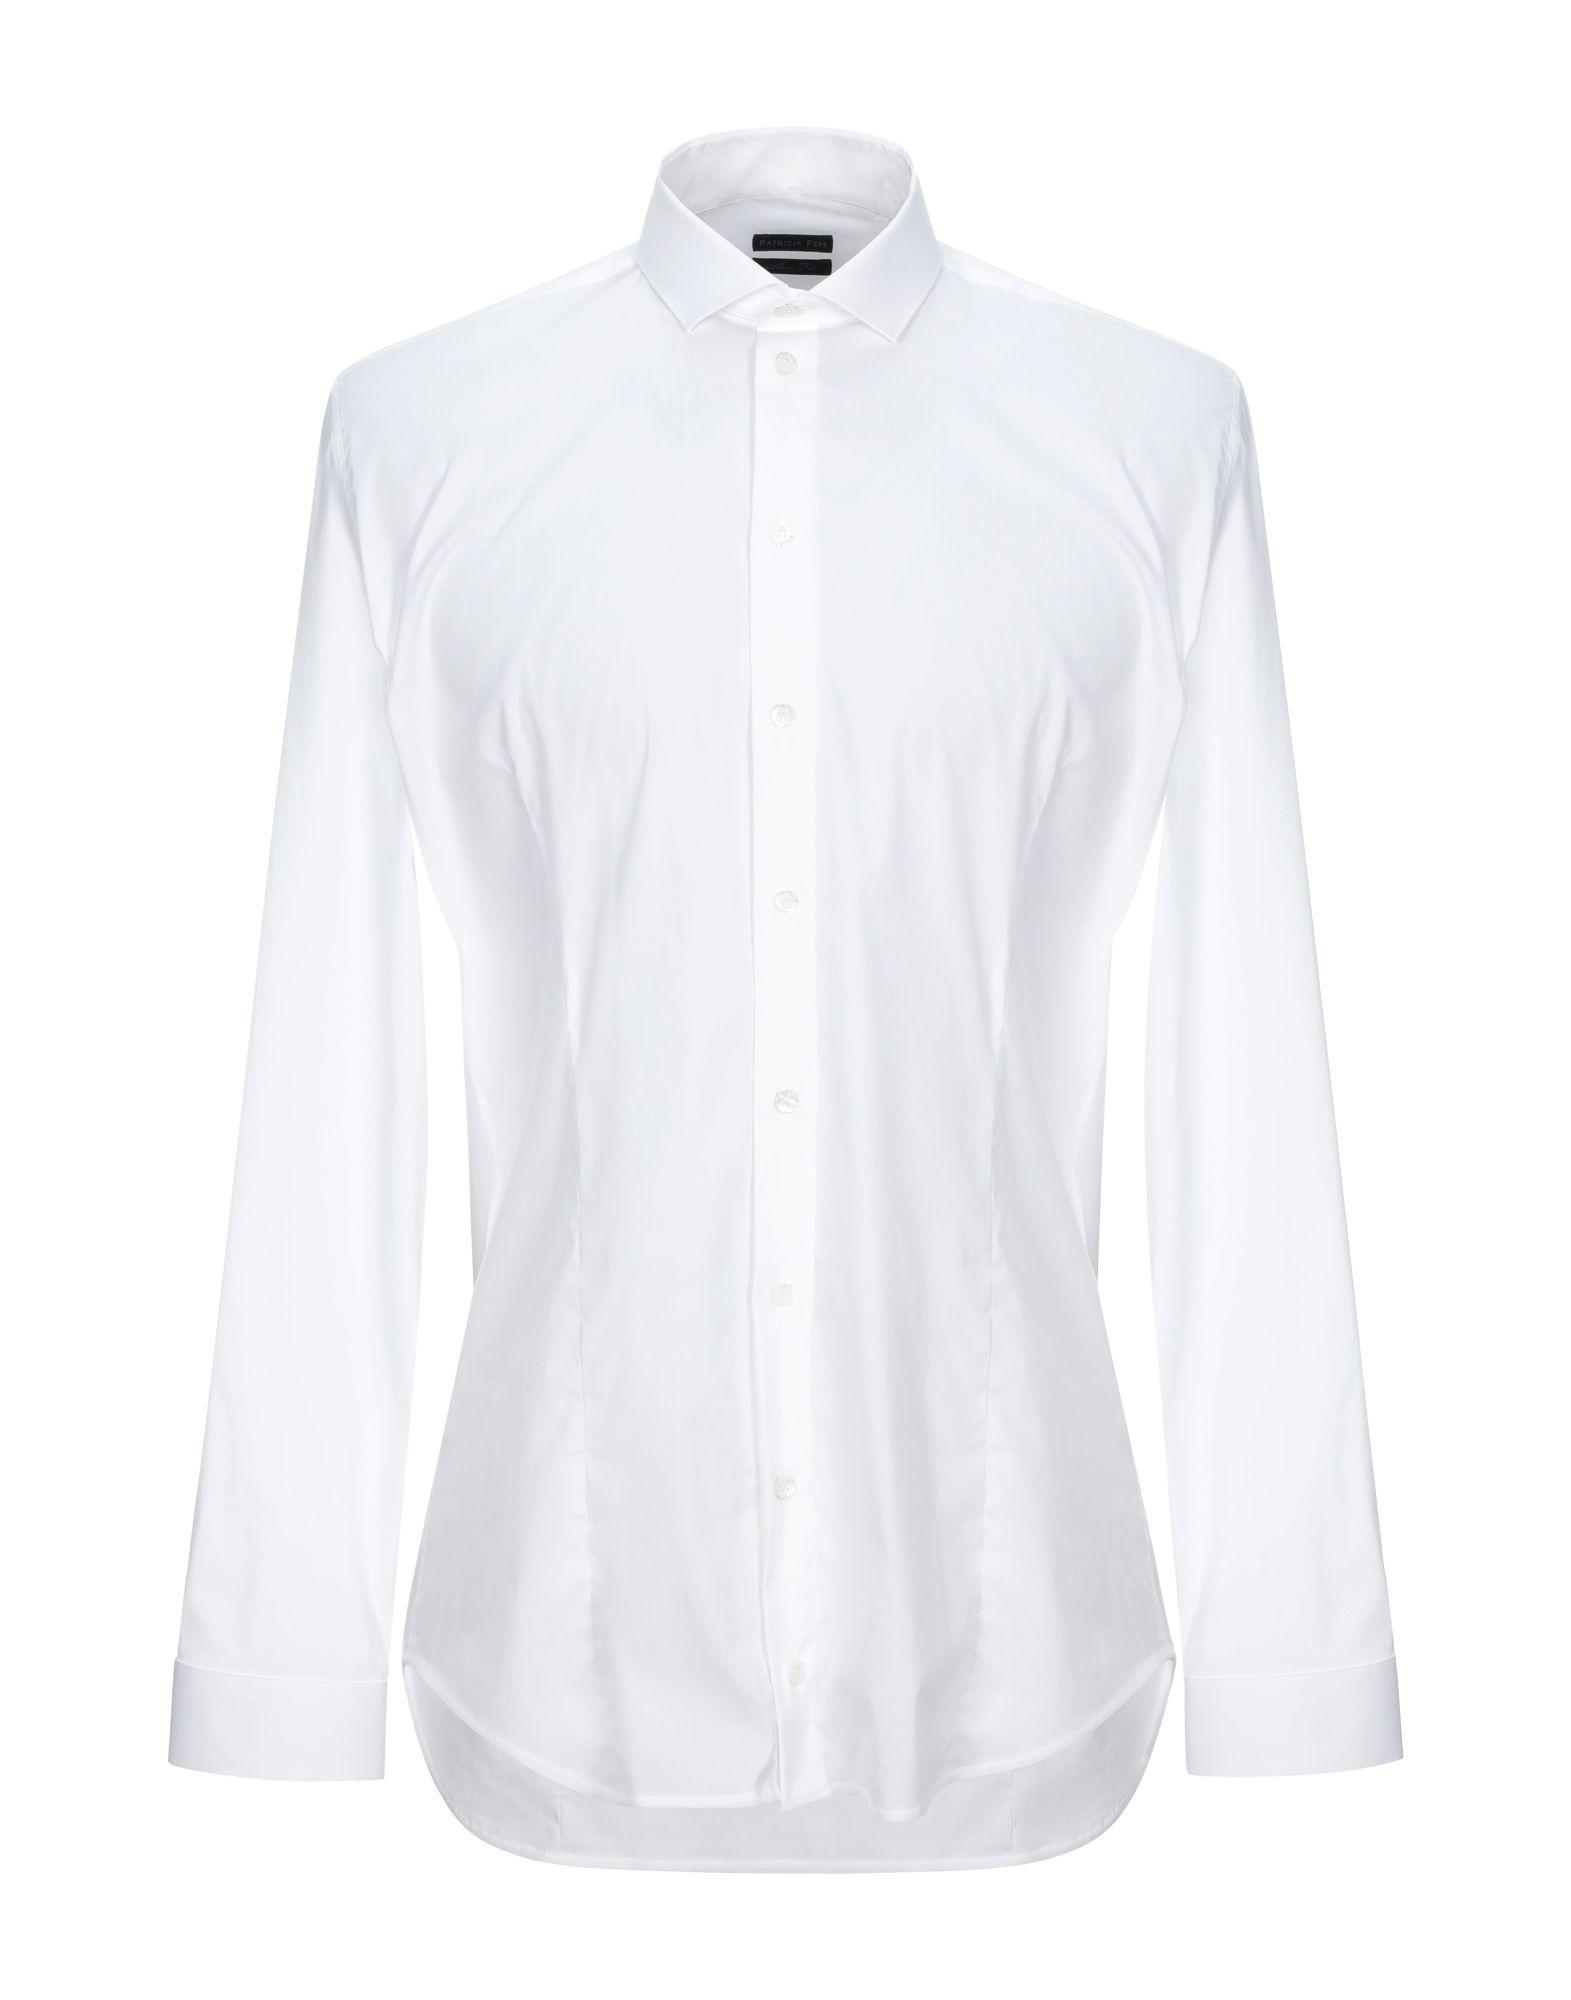 《セール開催中》PATRIZIA PEPE メンズ シャツ ホワイト 48 コットン 67% / ナイロン 27% / ポリウレタン 6%